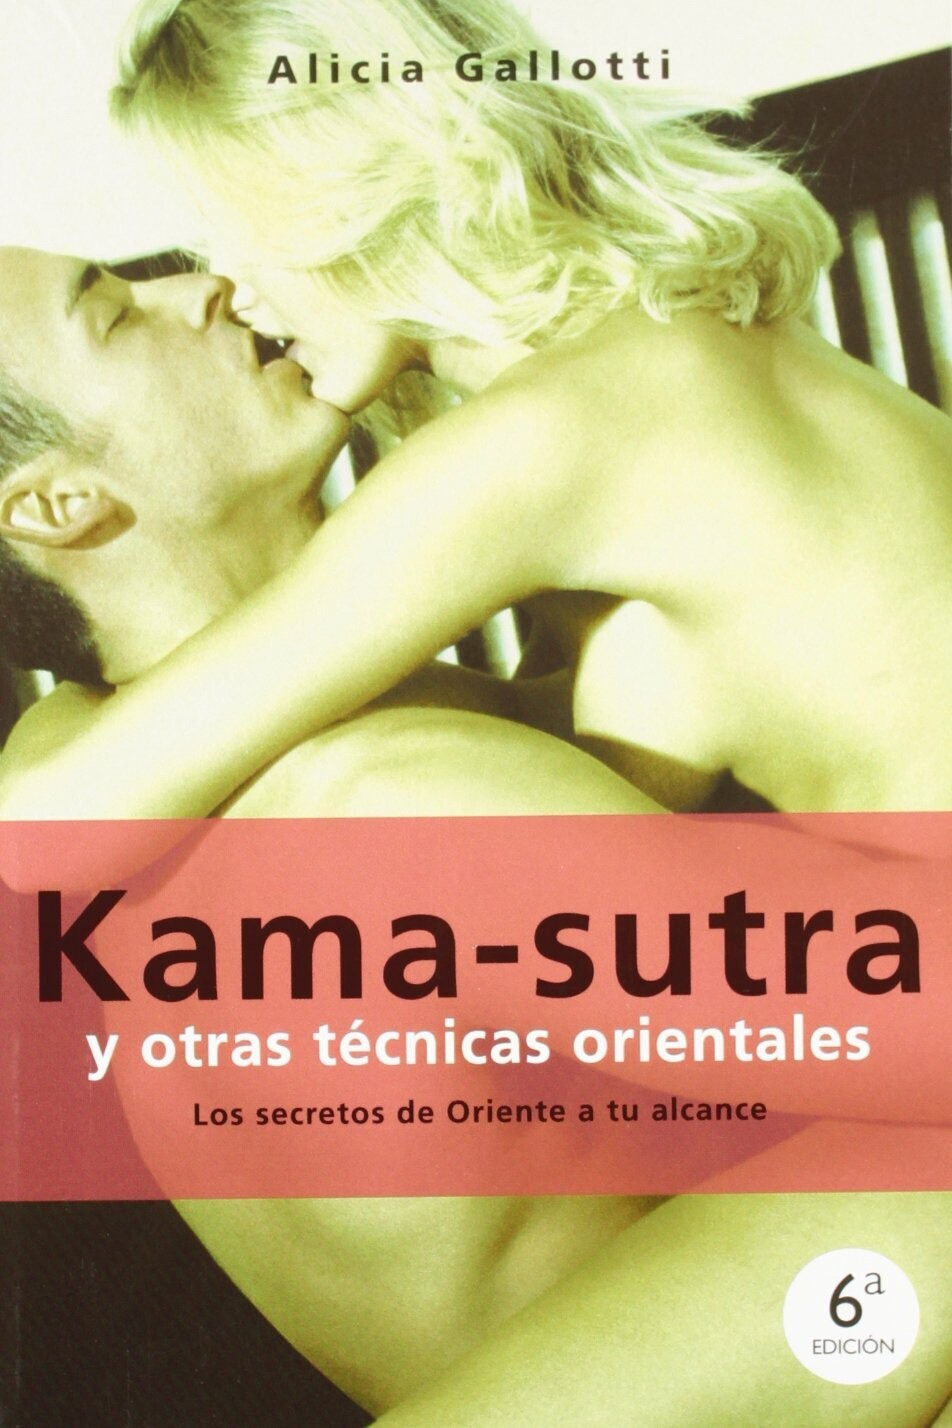 Kama - Sutra y otras técnicas orientales, Alicia Galloti